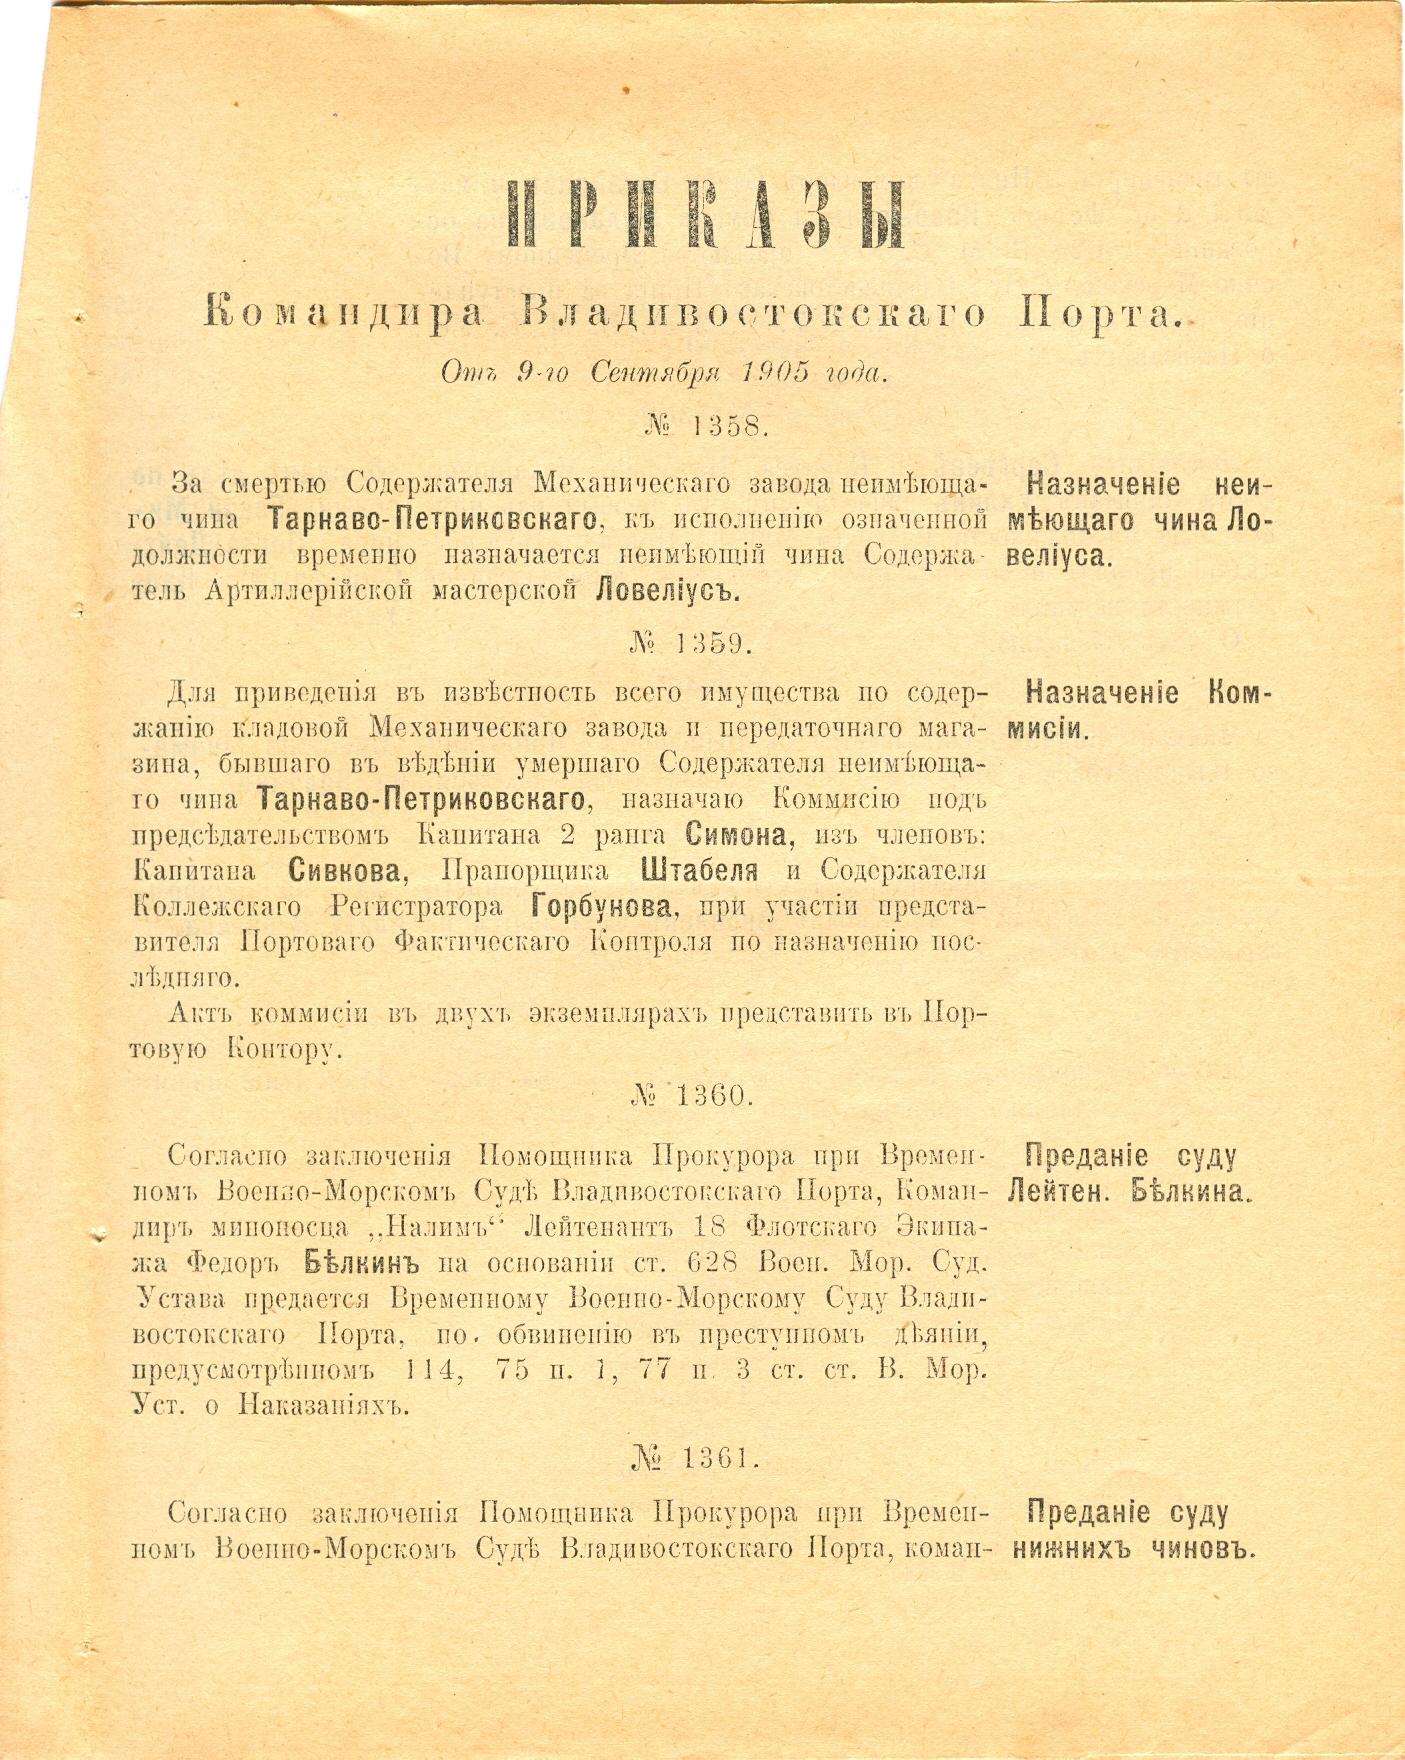 Приказы Командира Владивостокского<br>Порта №№ 1358—1361